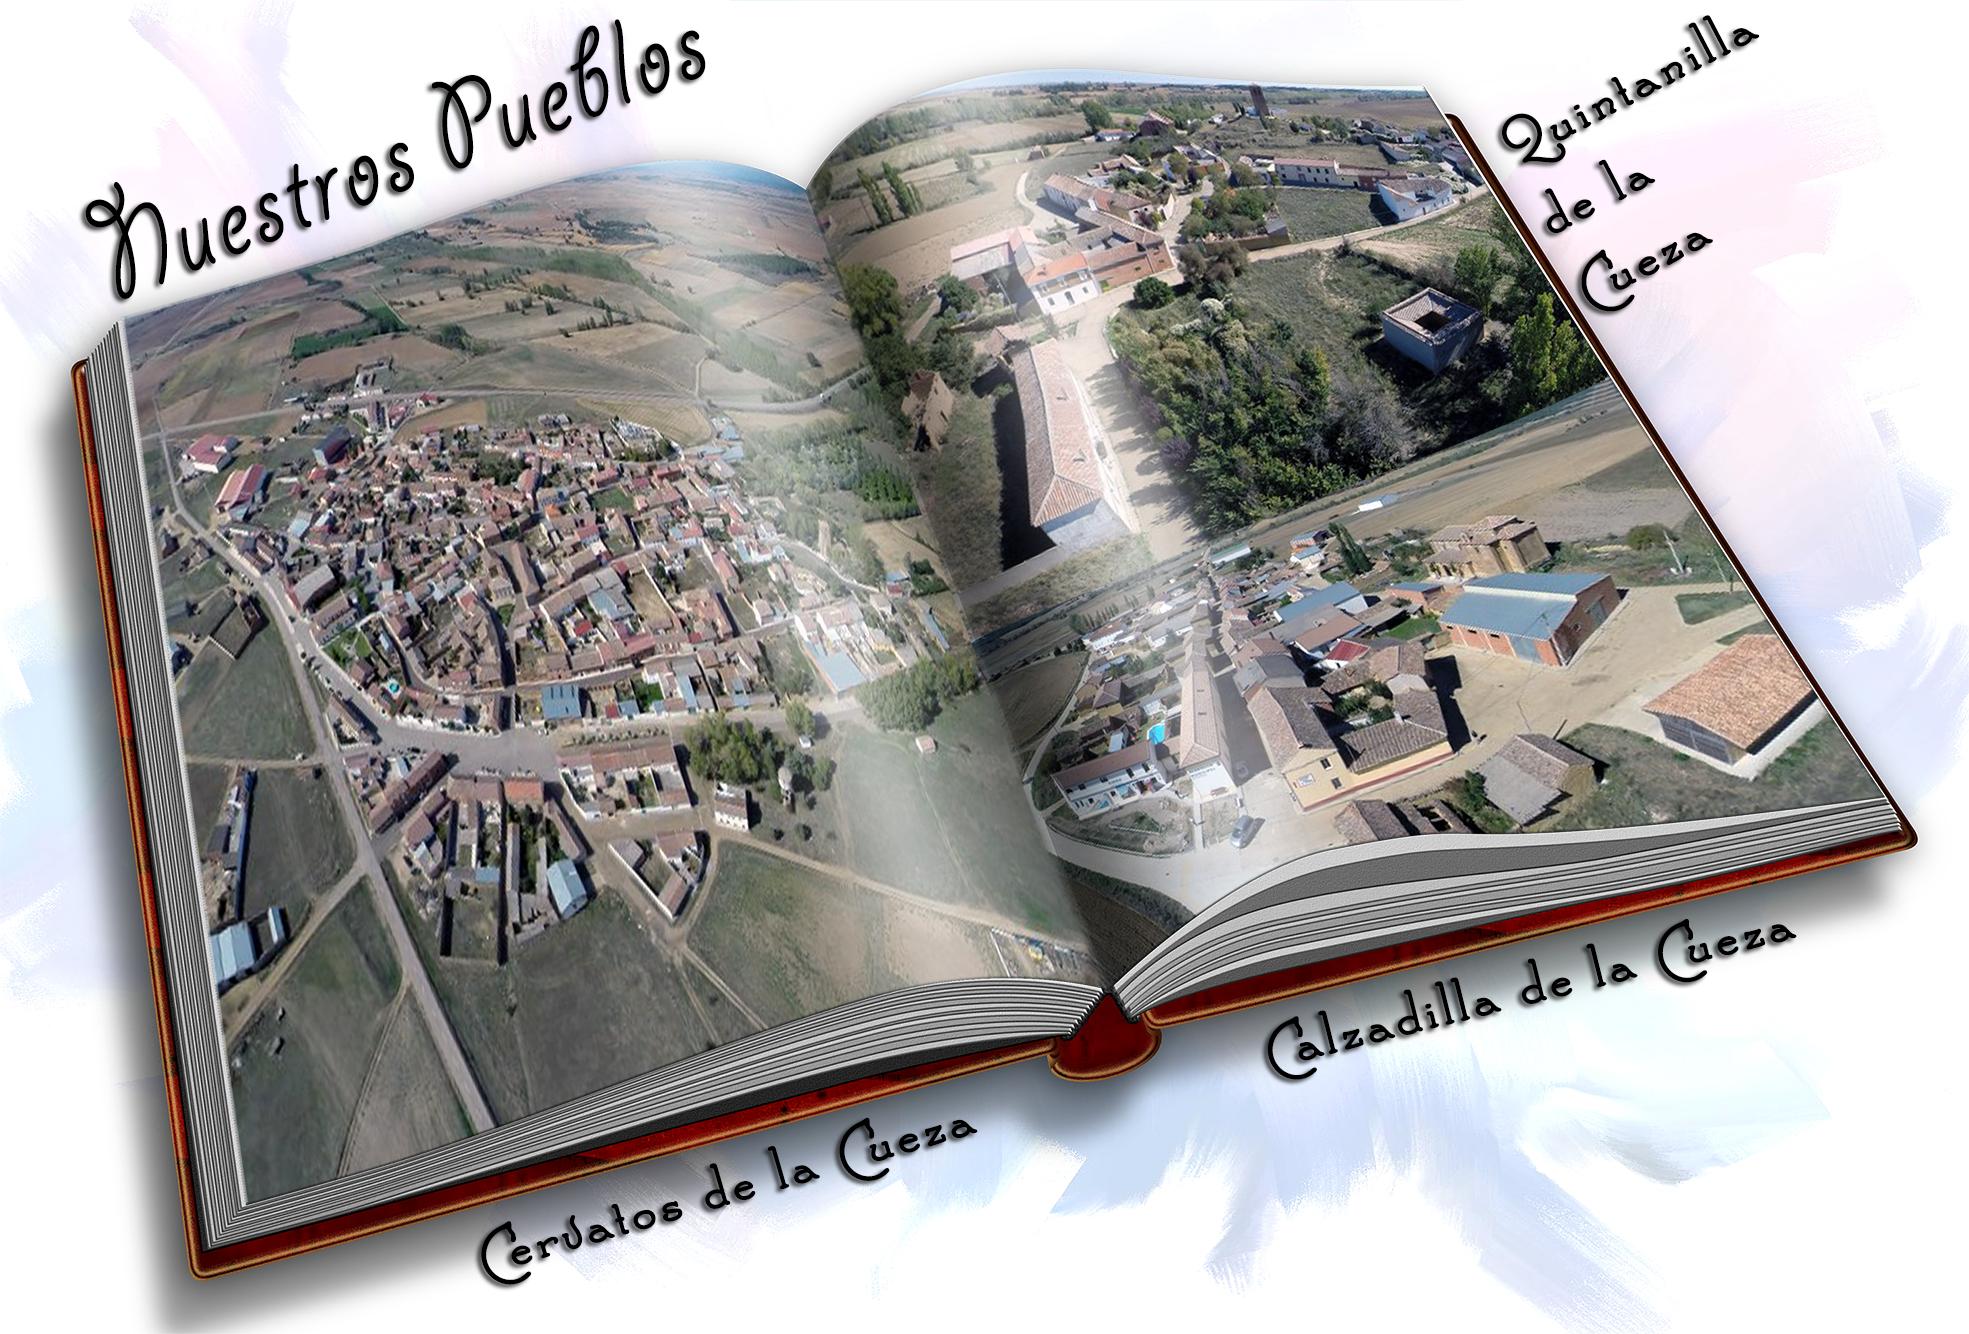 Imagen de Cervatos de la Cueza